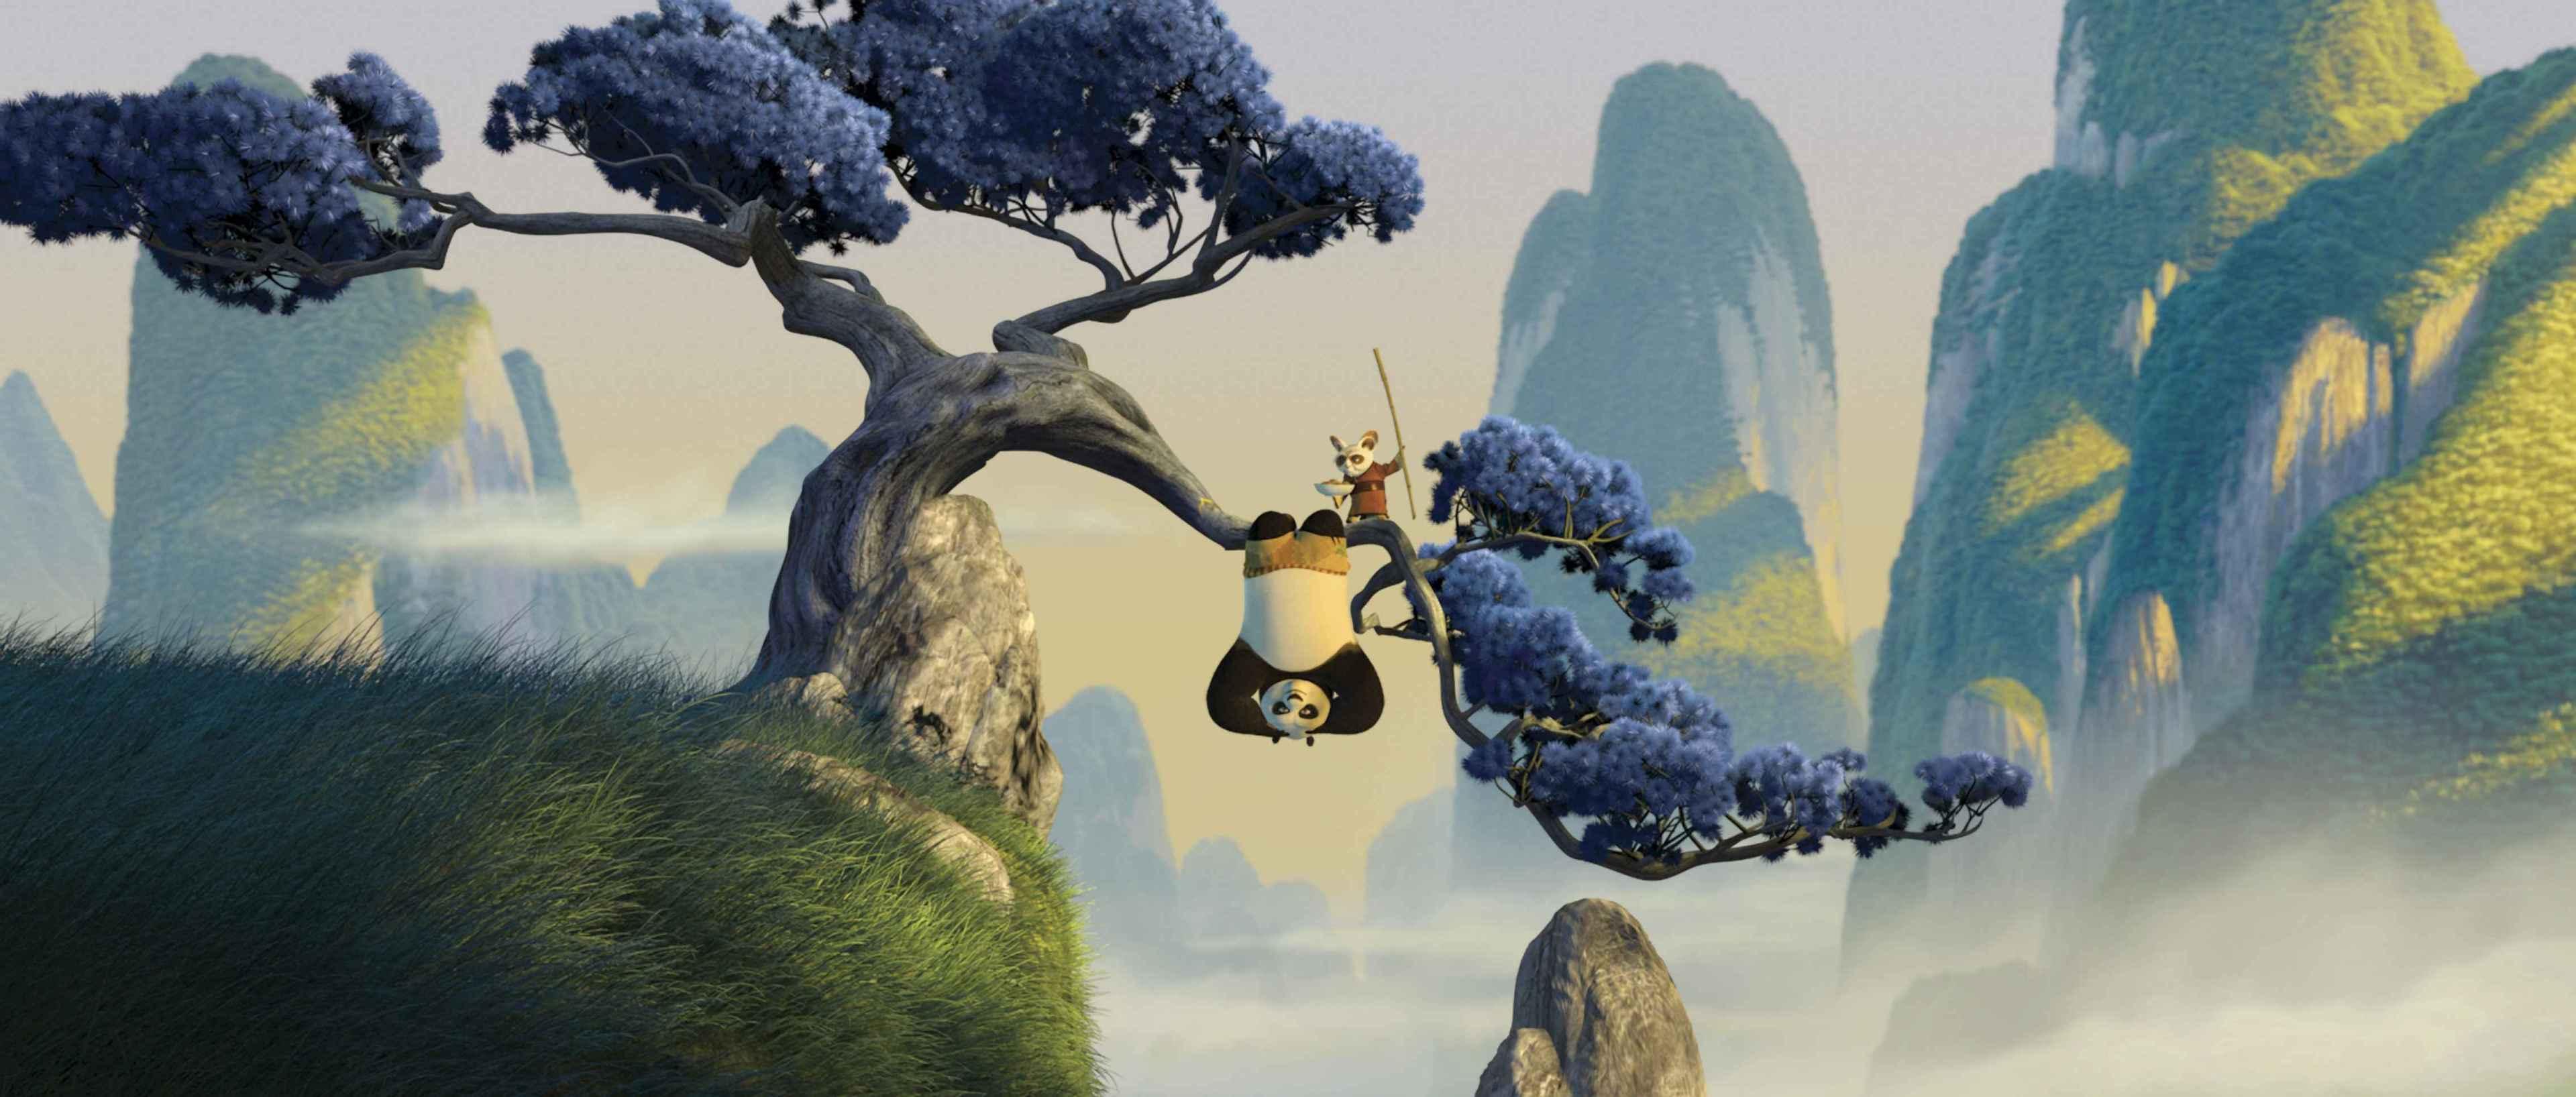 功夫熊猫2 kung fu panda_乐乐简笔画